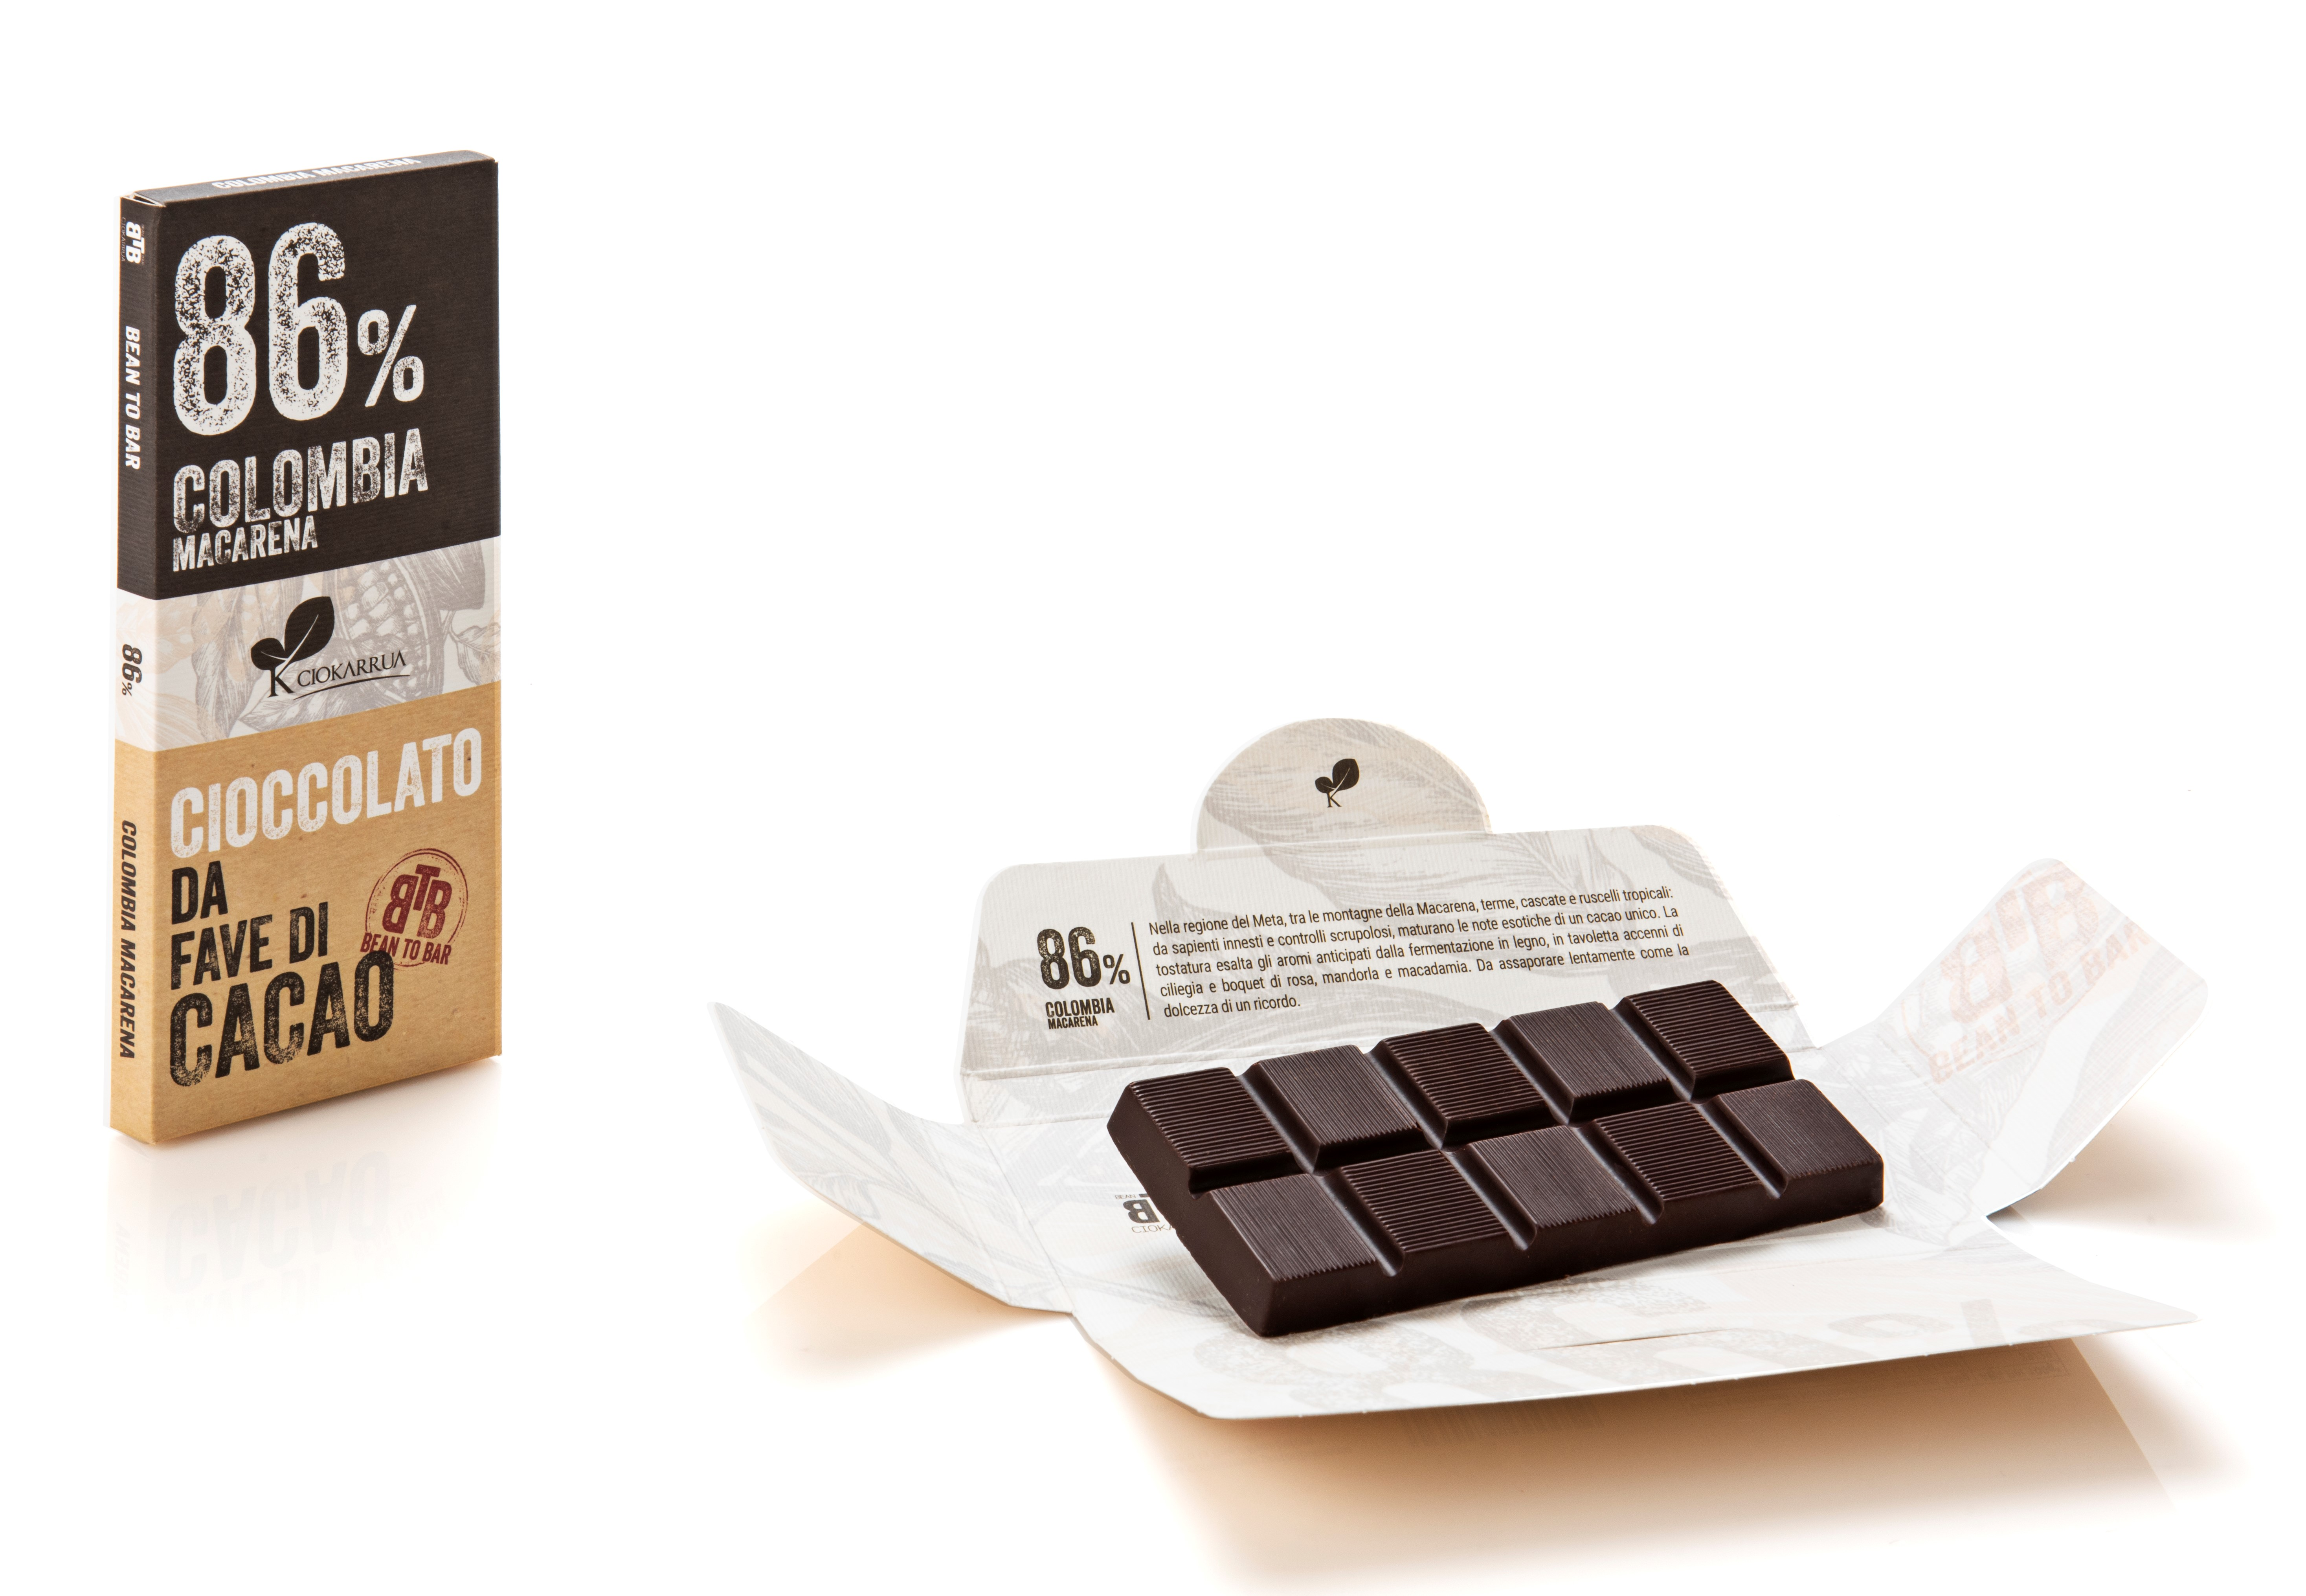 Ciocolata de Modica, Ciokarrua, Single Origin, 86% cacao, 50g1